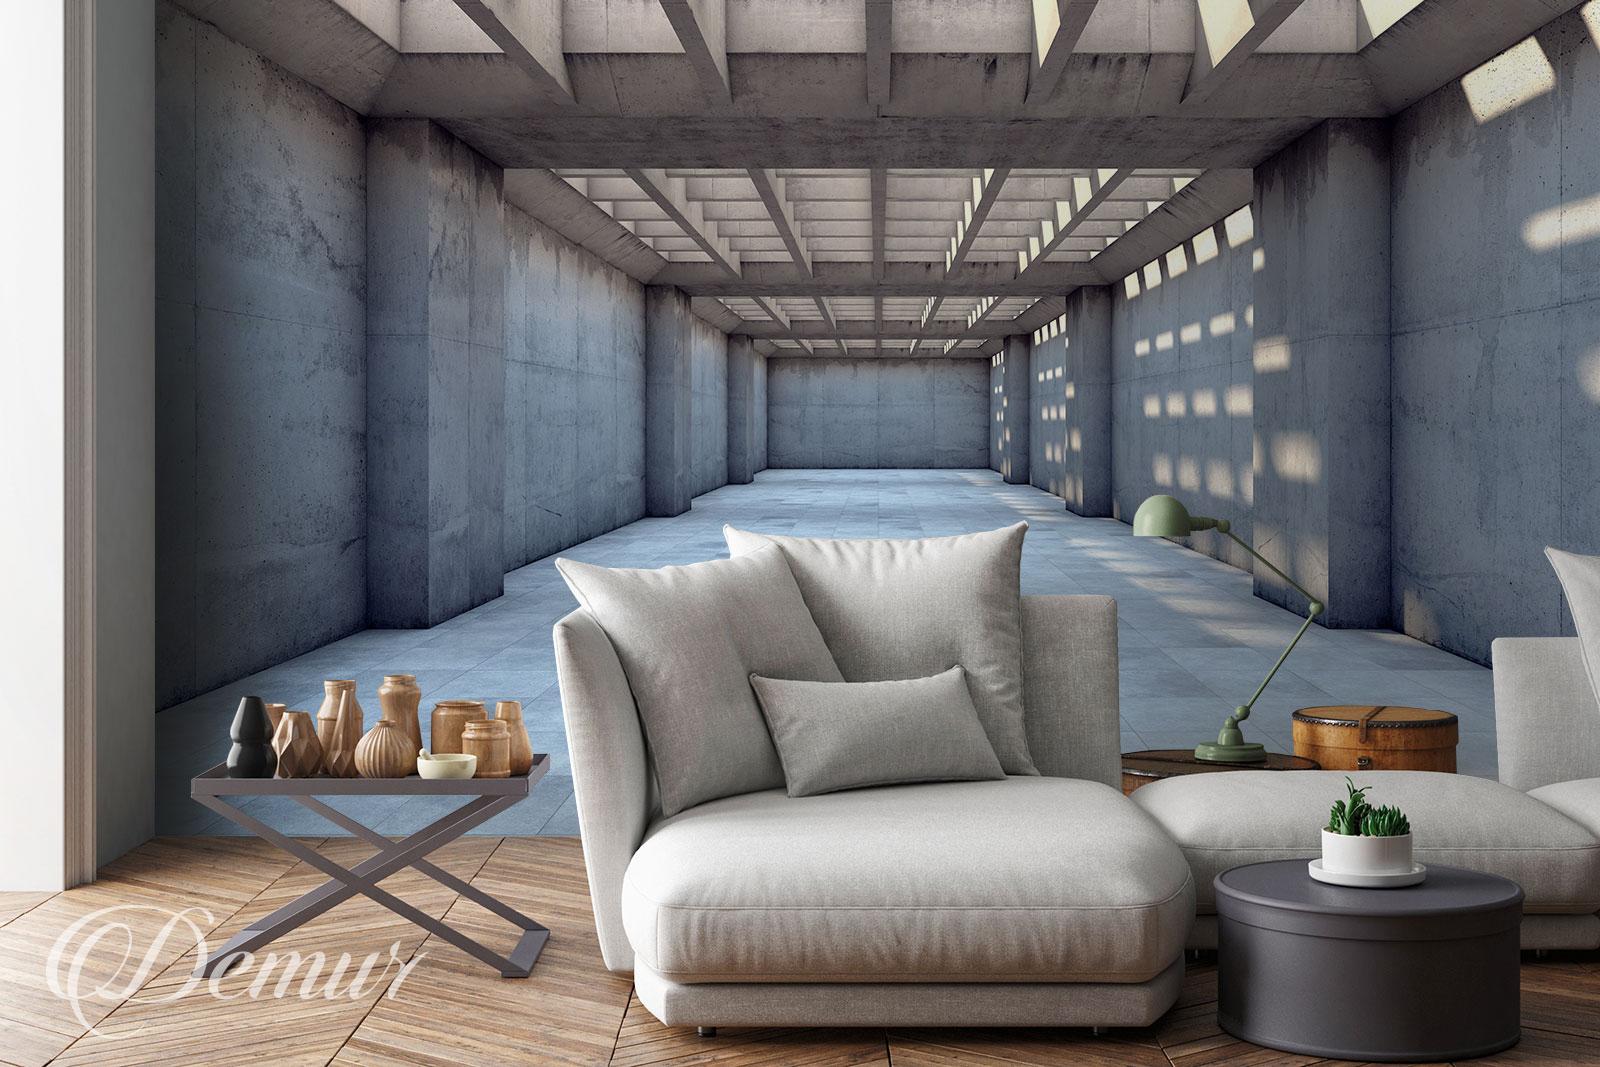 Fototapeta Tunel - Pomysł na ścianę - Demur